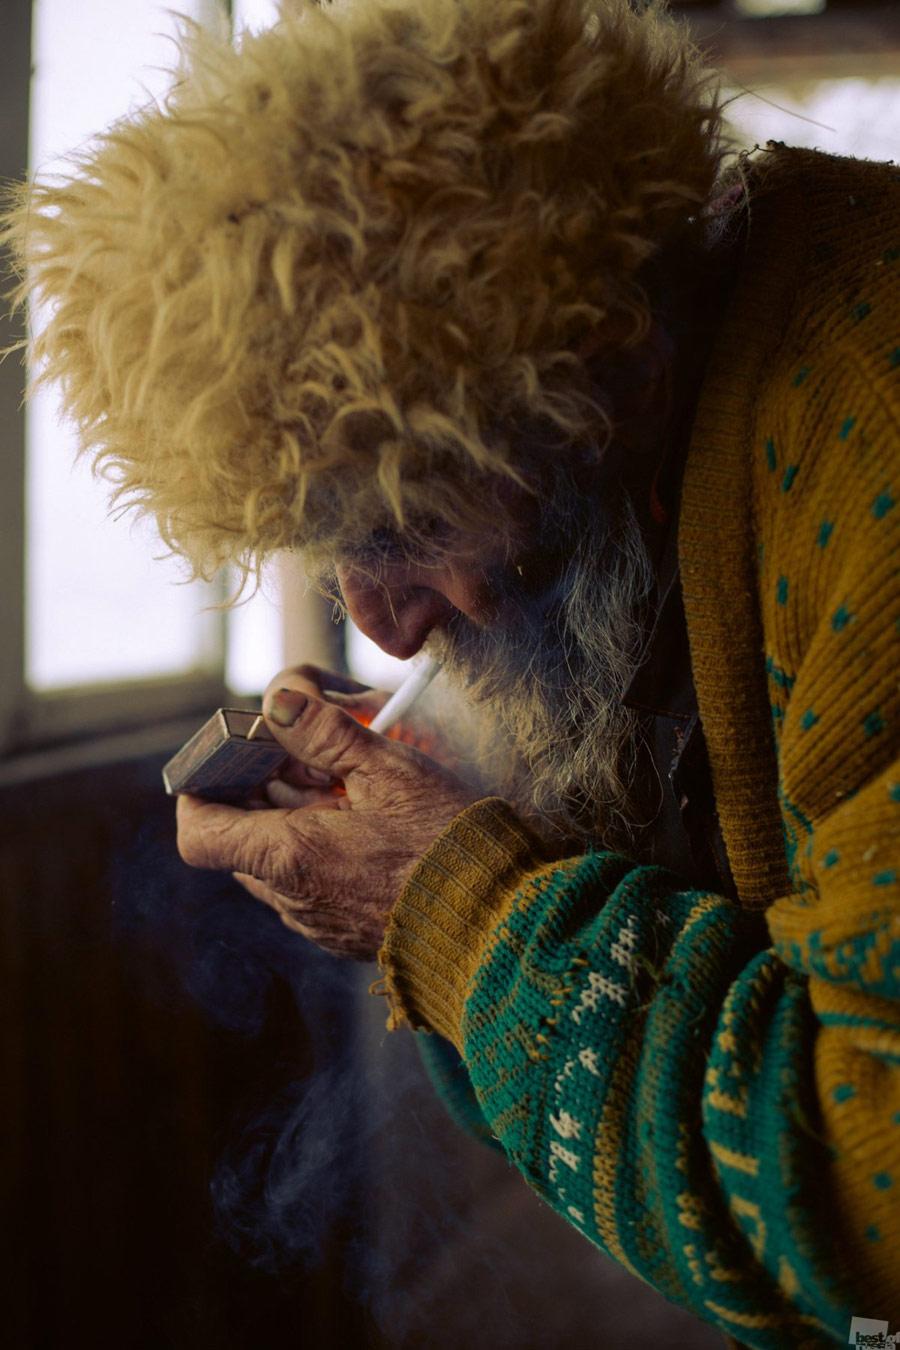 Горец Виктор Амбалов, © Заур Тедеев / Москва, Фотоконкурс The Best of Russia 2017